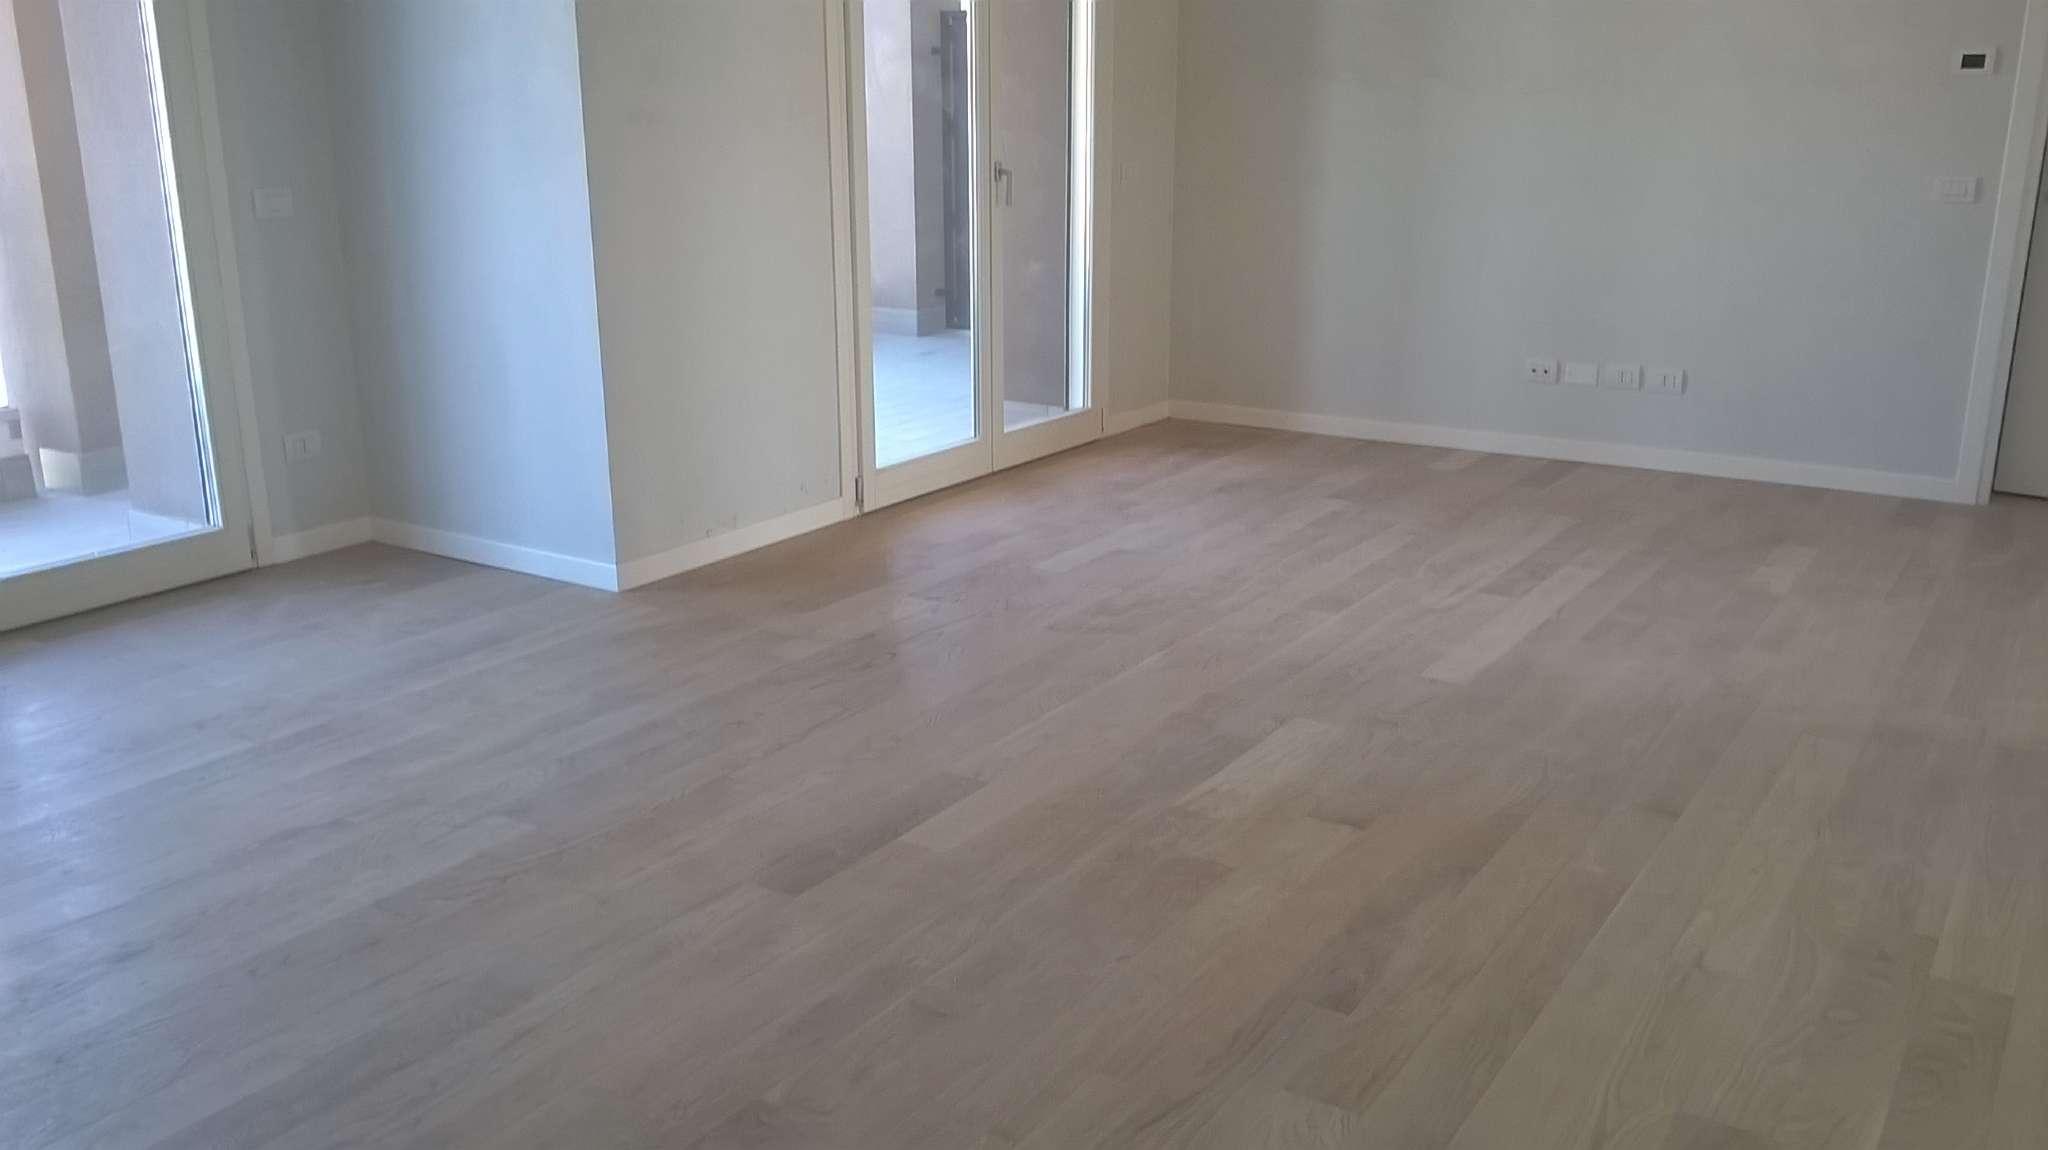 Appartamento in vendita a Cassina de' Pecchi, 4 locali, prezzo € 513.000 | Cambio Casa.it